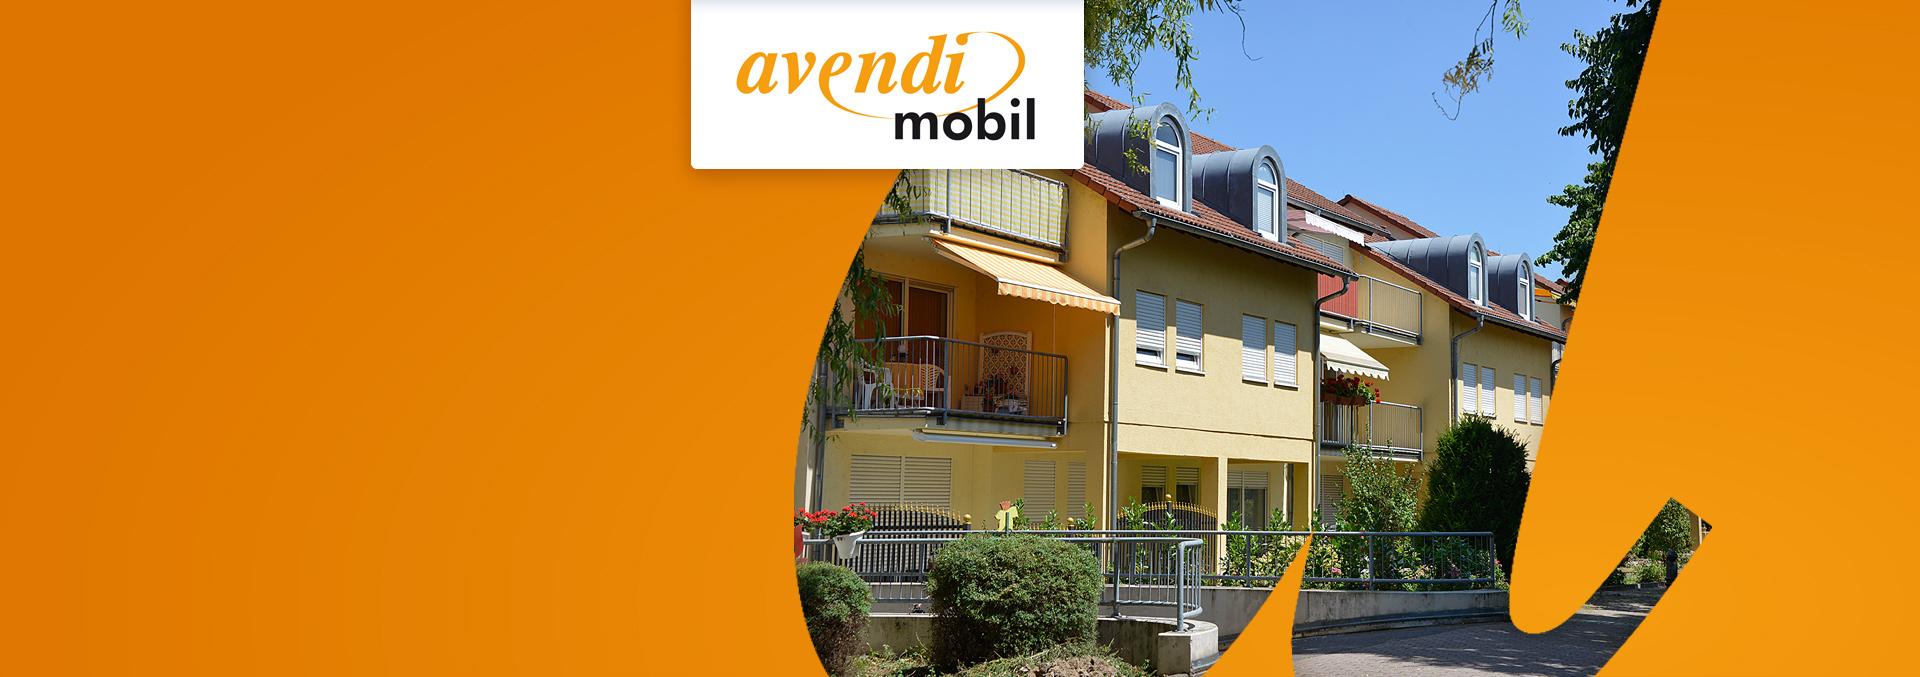 Ambulanter Pflegedienst avendi mobil Kehl: Gelbe dreistöckige Häuser mit Vorgärten in begrünter Straße.